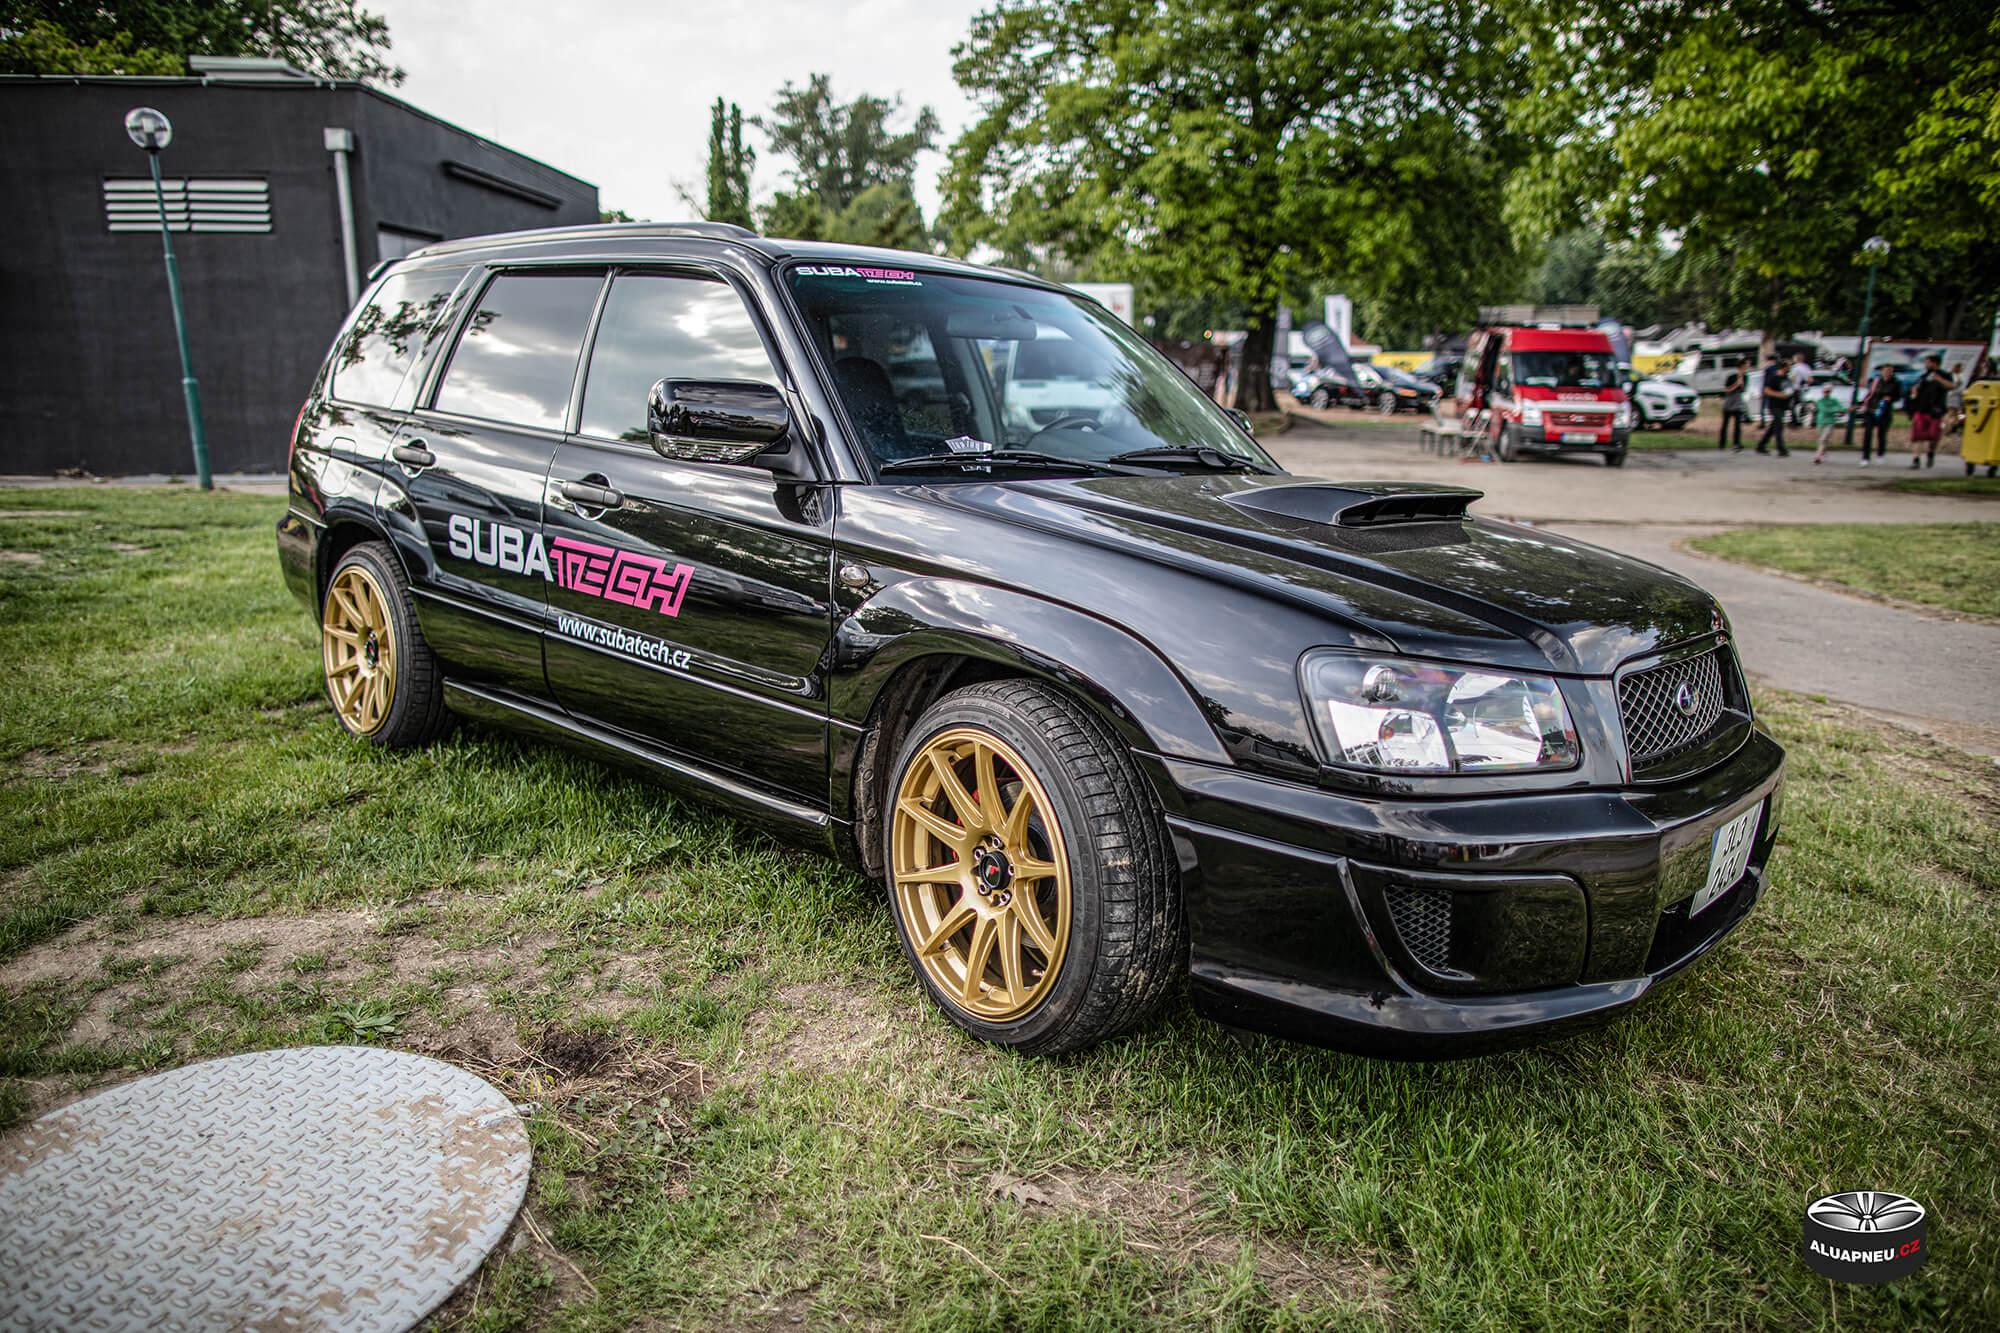 Zlatá alu kola Subaru Forester - elektrony Japan Racing - Automobilové Legendy 2019 - www.aluapneu.cz